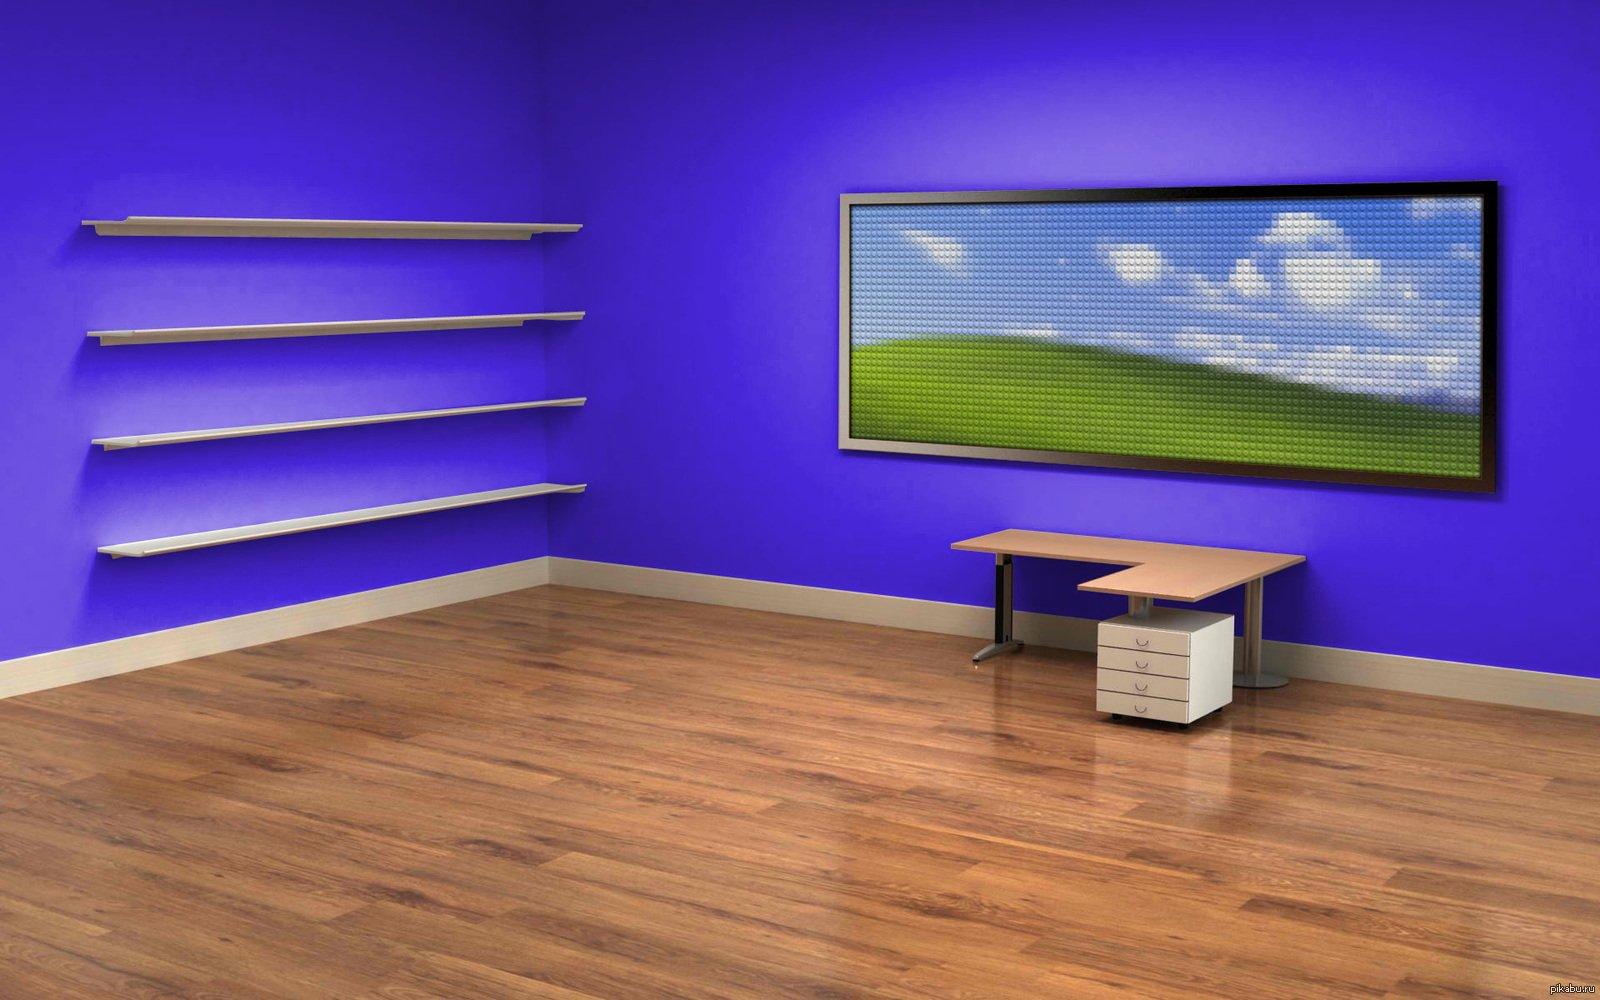 картинки для рабочего стола для офиса во весь экран горные склоны